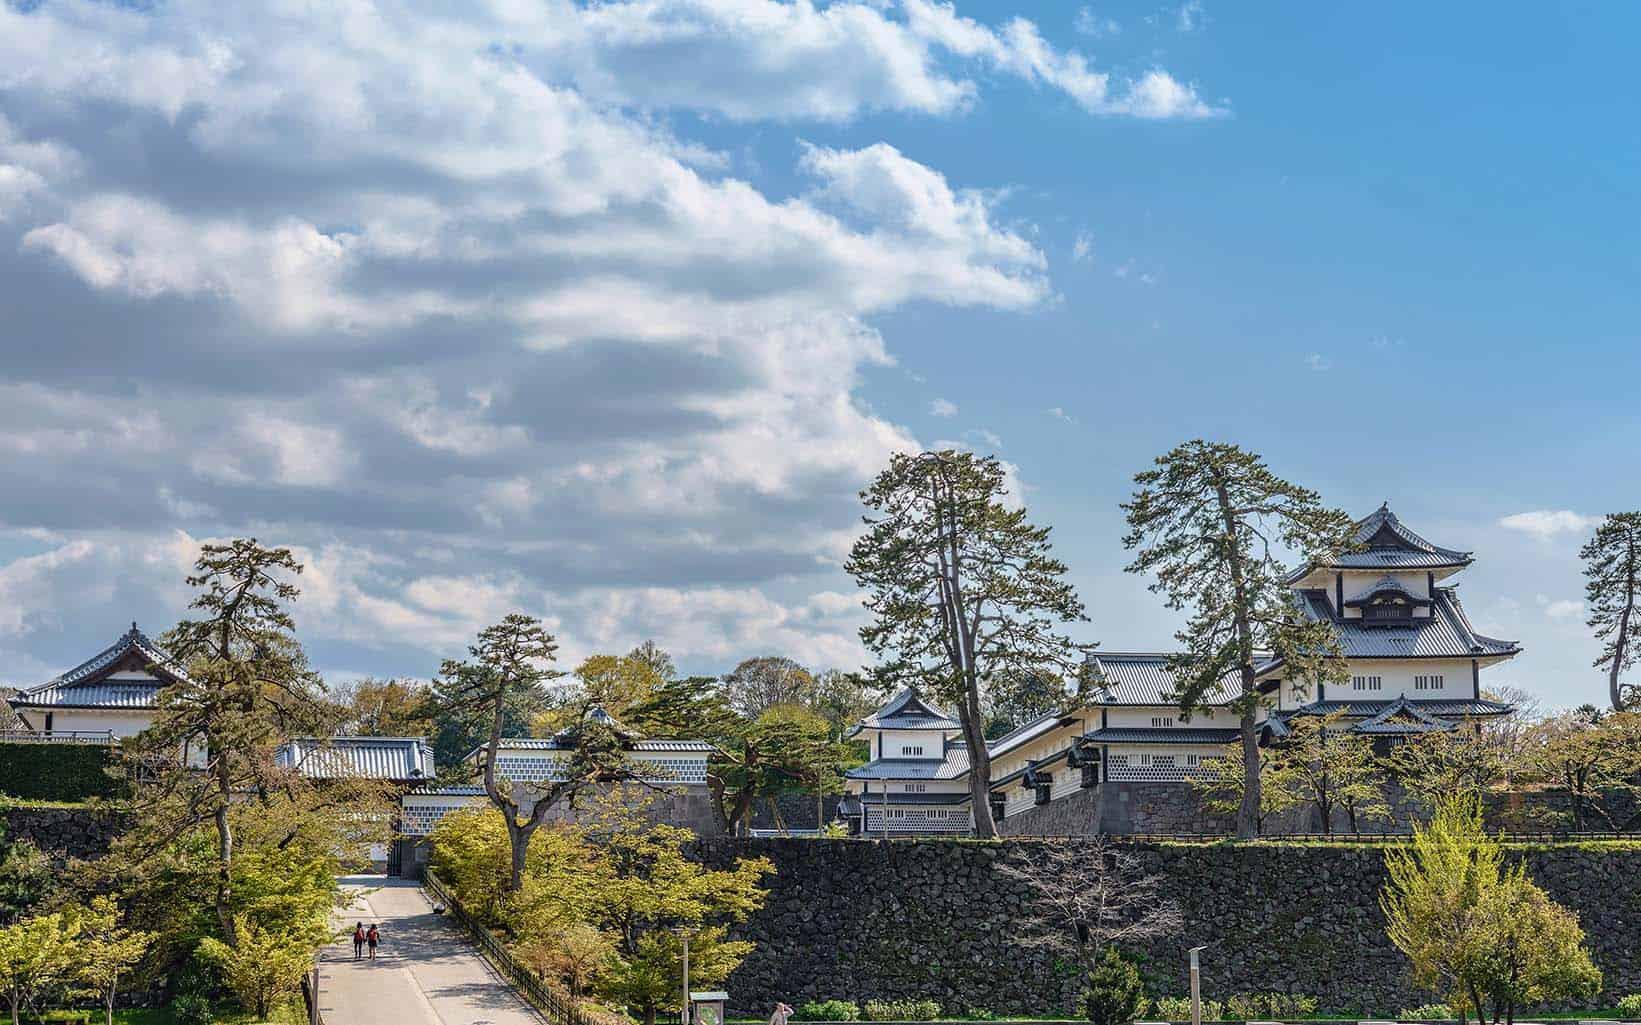 Mt.Fuji & The Takayama Heritage Trail